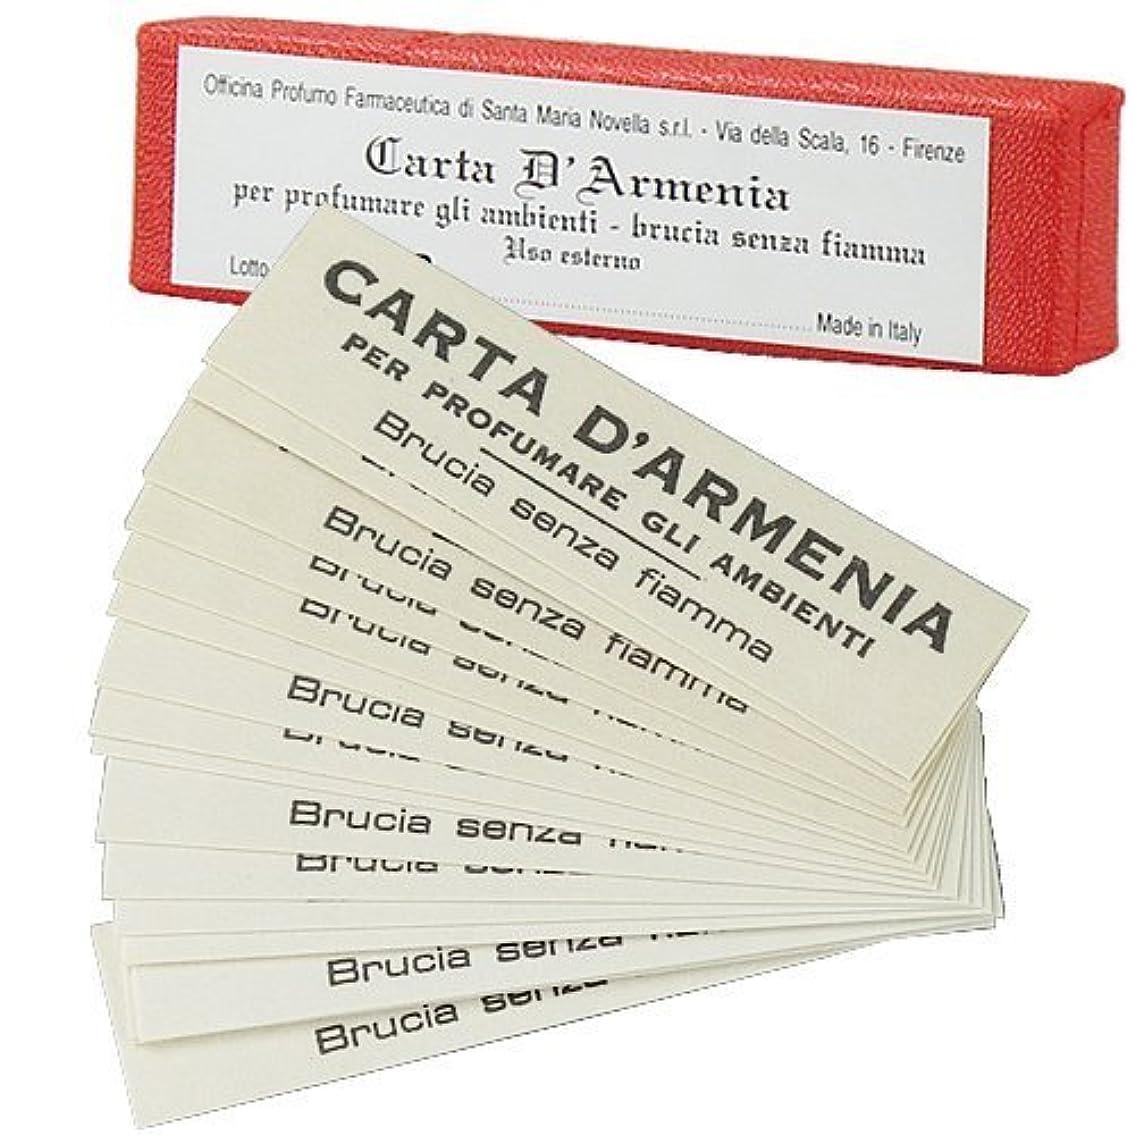 掻く不純遺跡サンタマリアノヴェッラ アルメニア紙(お香) [並行輸入品] 18枚入り